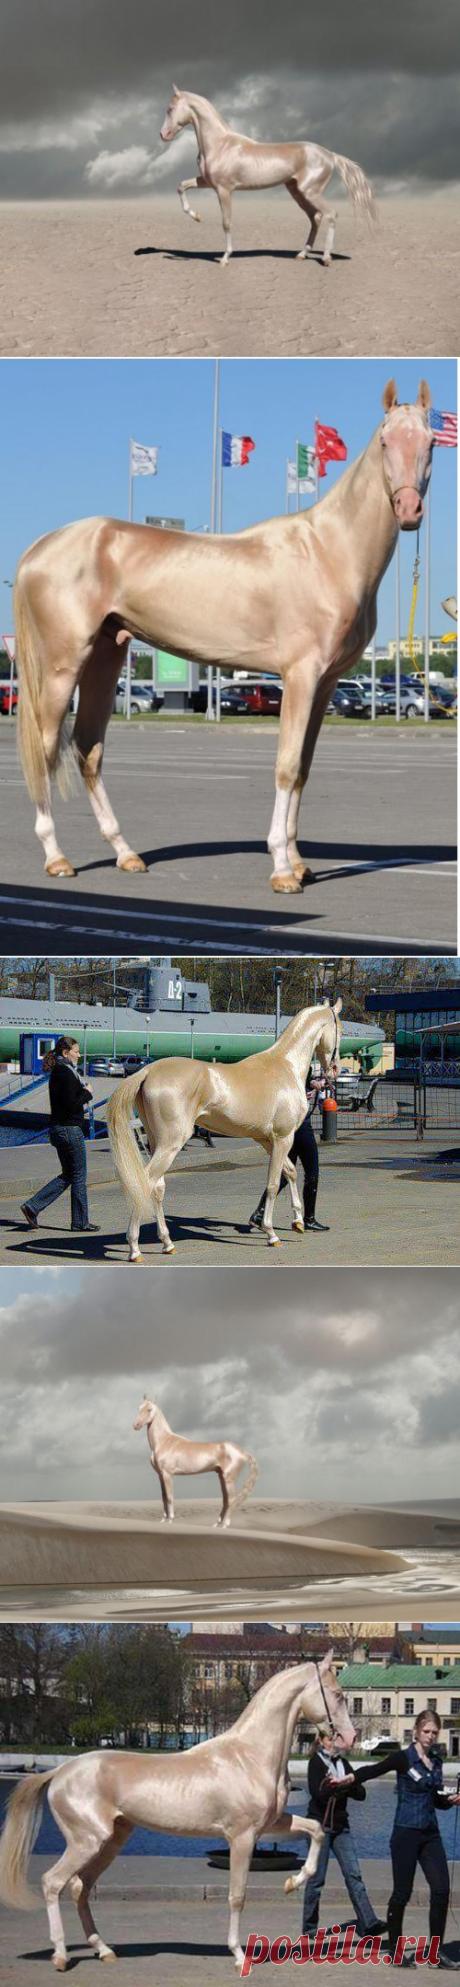 Супермодель в мире лошадей: ахалтекинская лошадь изабелловой масти